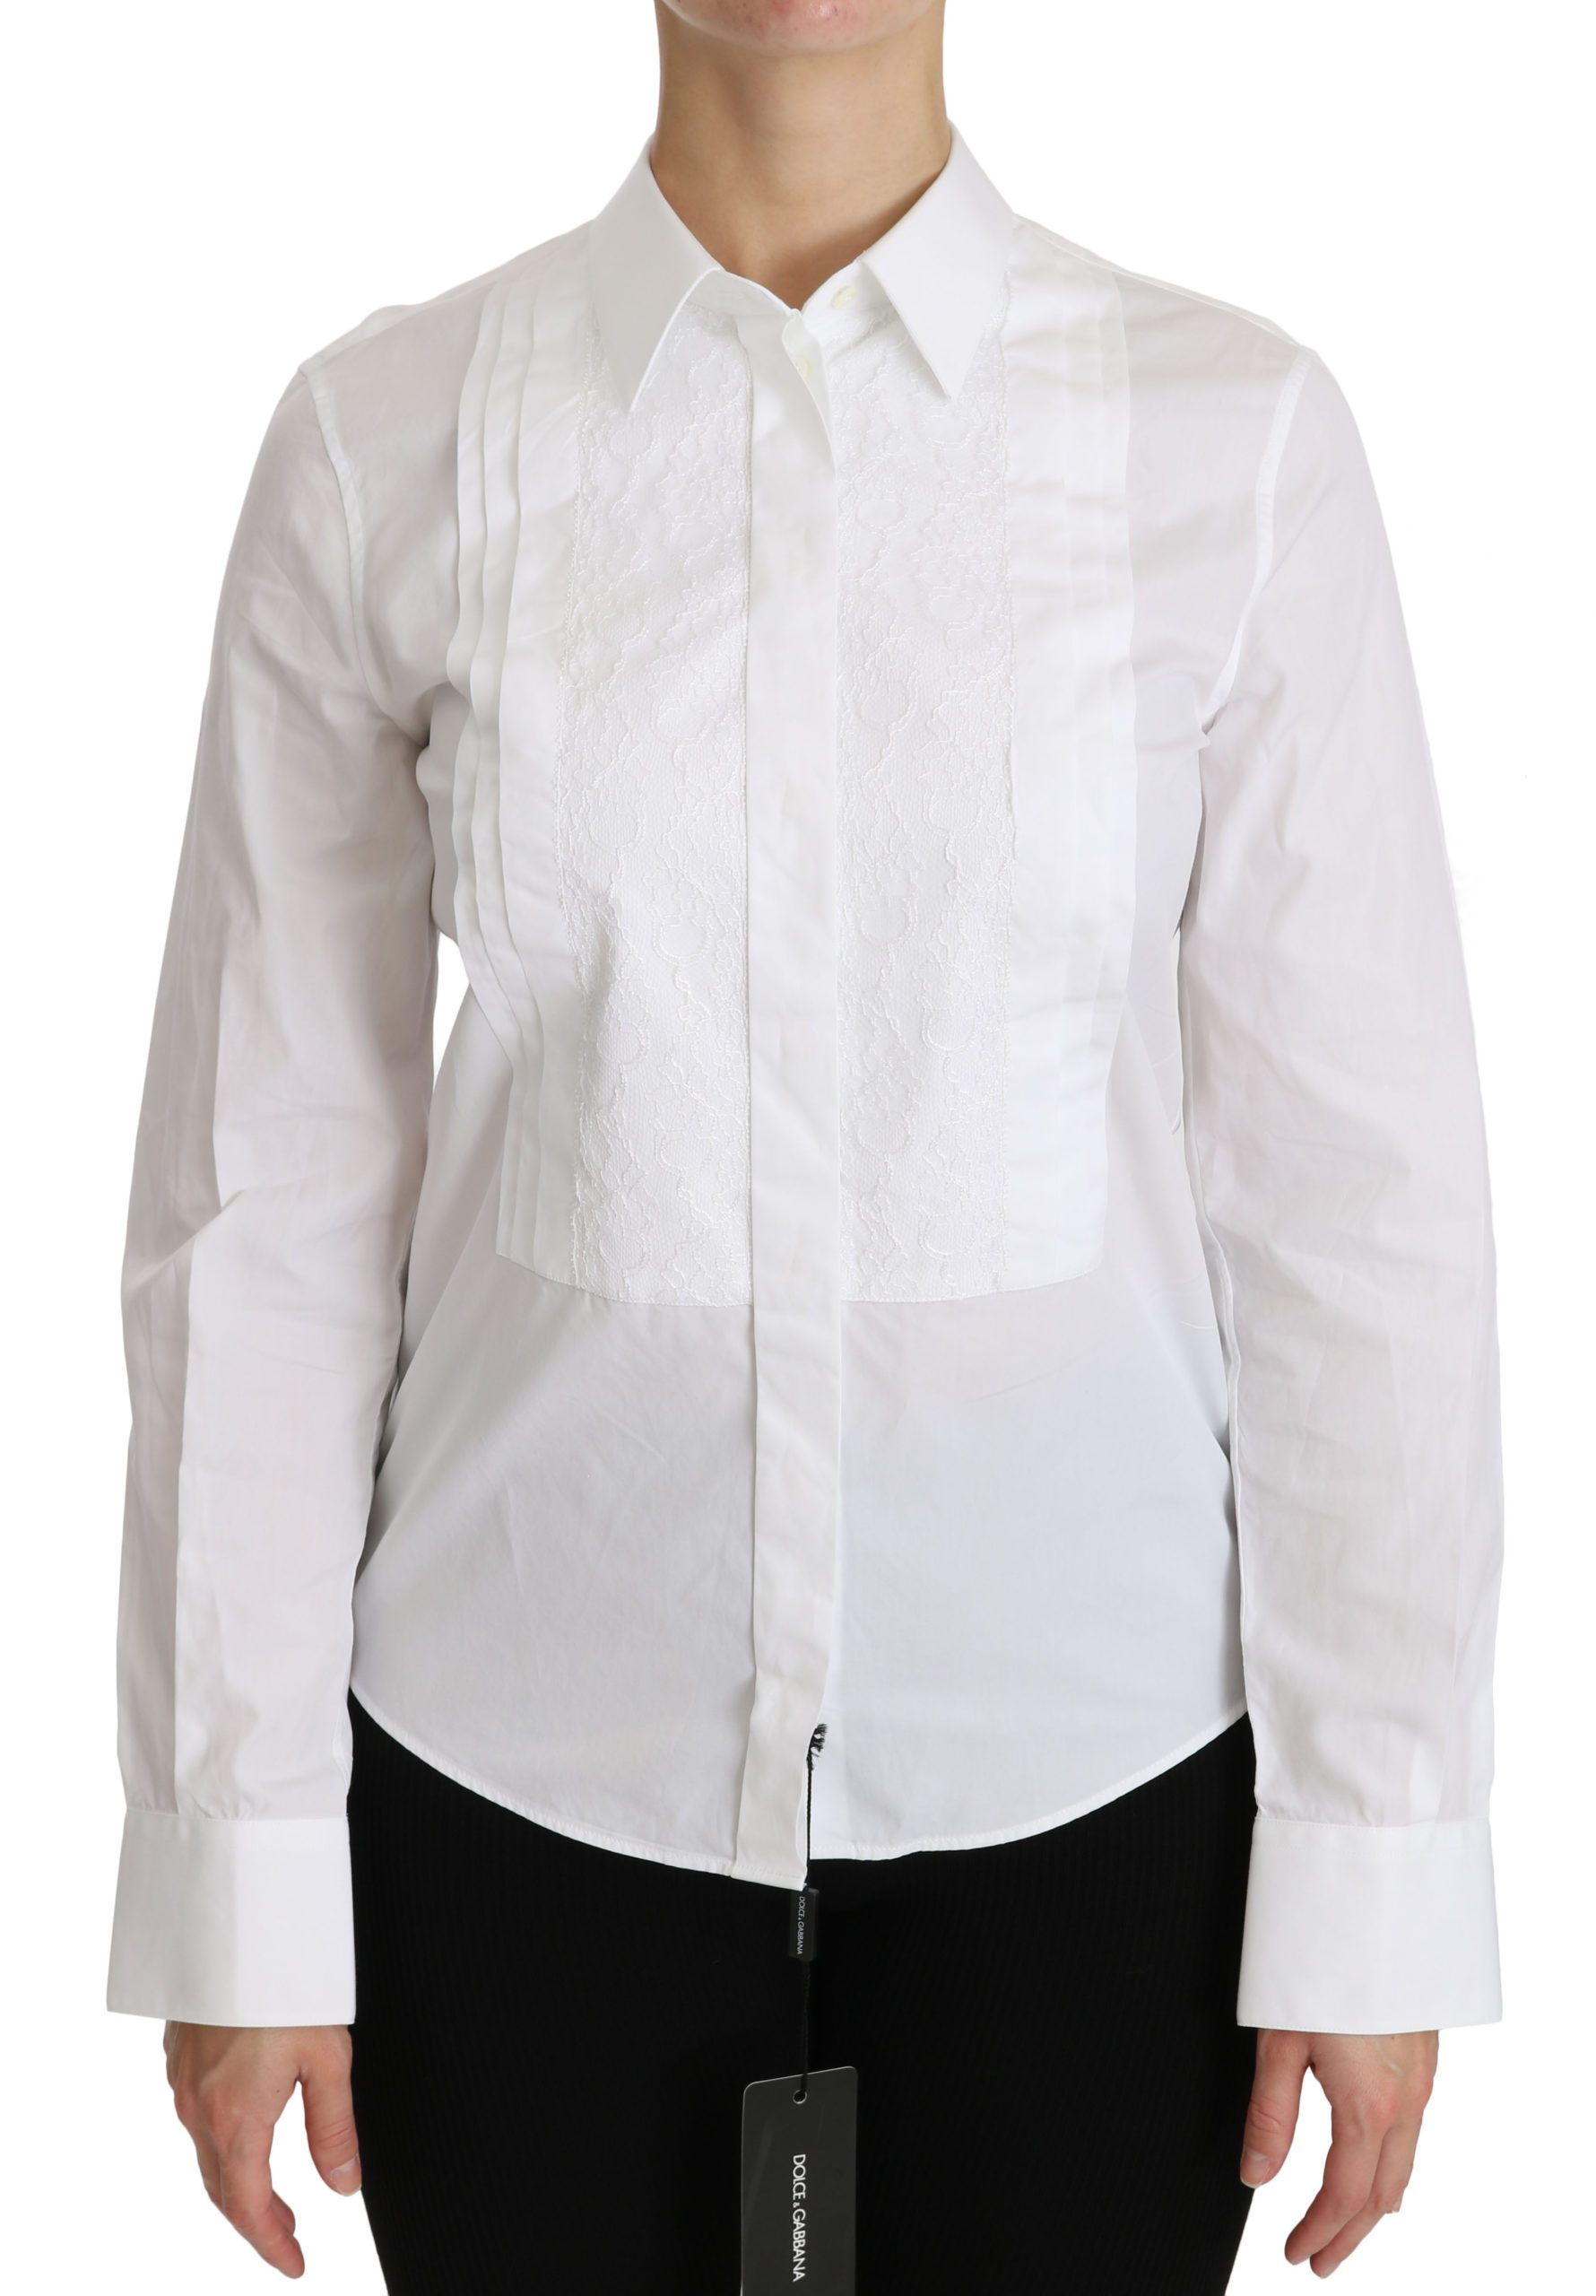 Dolce & Gabbana Women's Long Sleeve Polo Shirt White TSH4320 - IT44|L